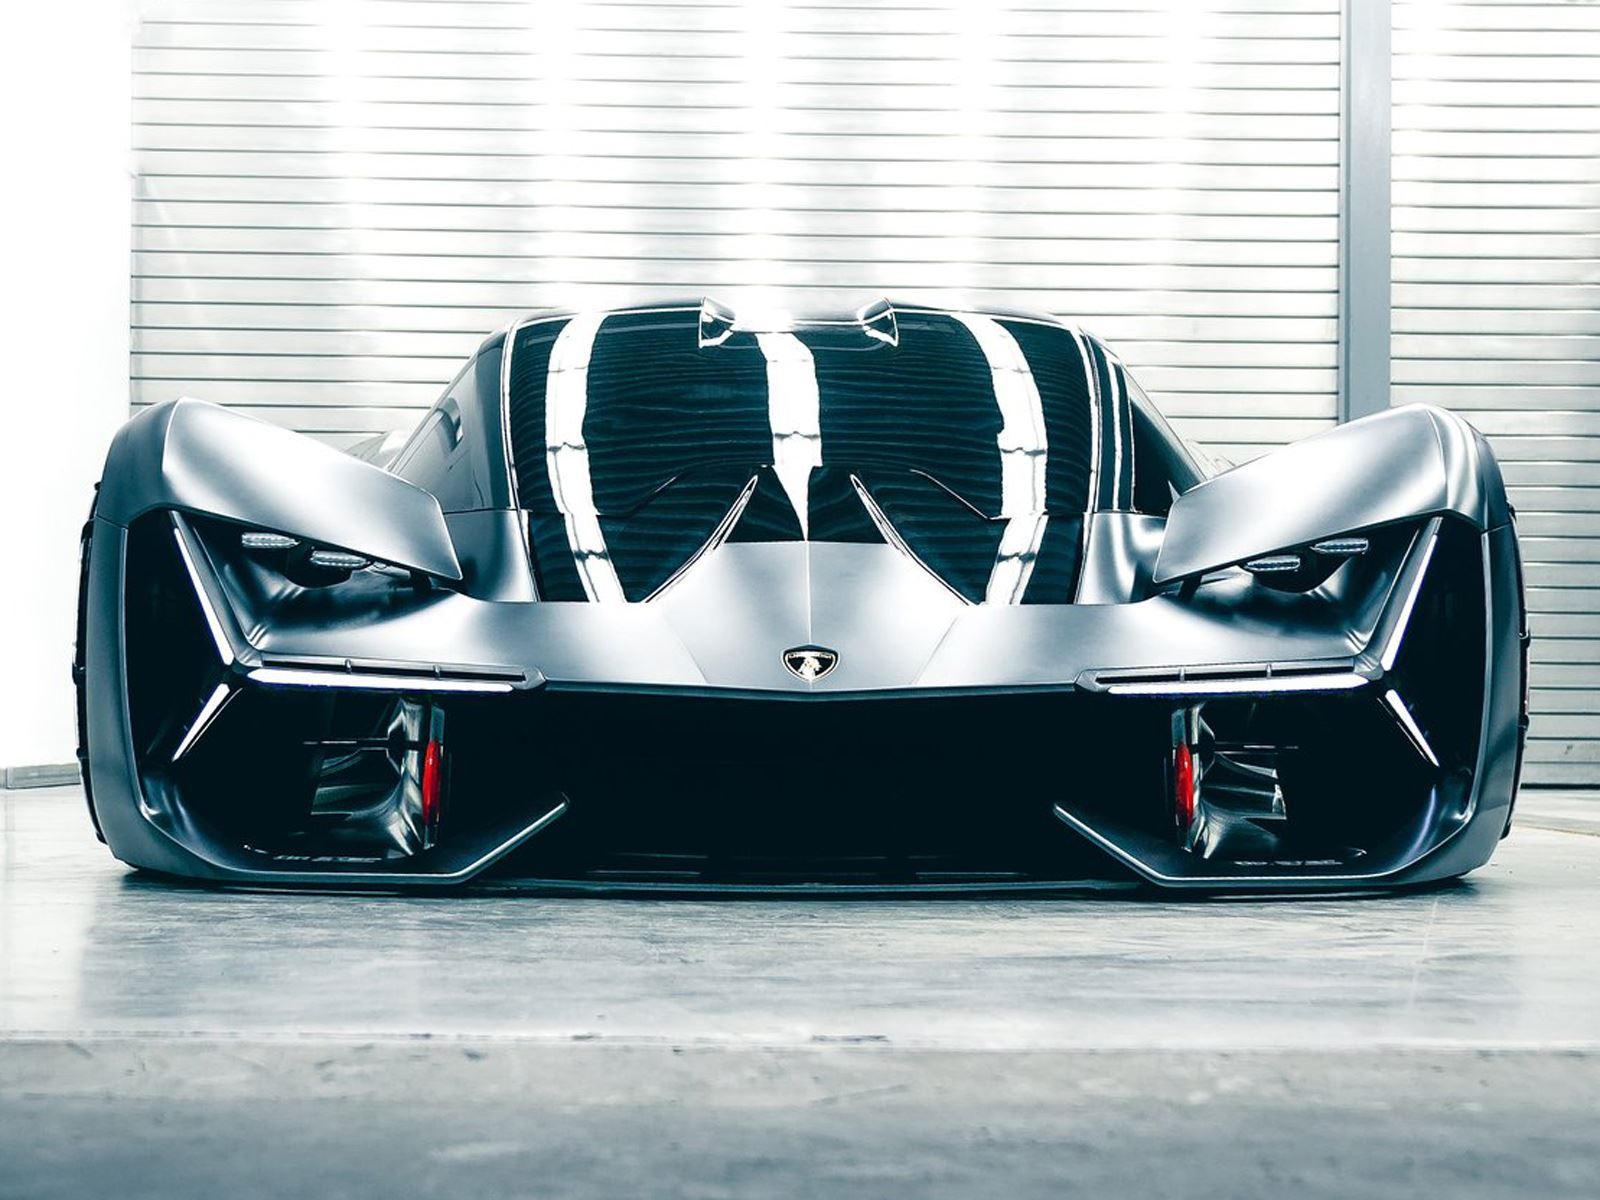 Super Secret Lamborghini Lb48h Hybrid Shown At Private Event Carbuzz